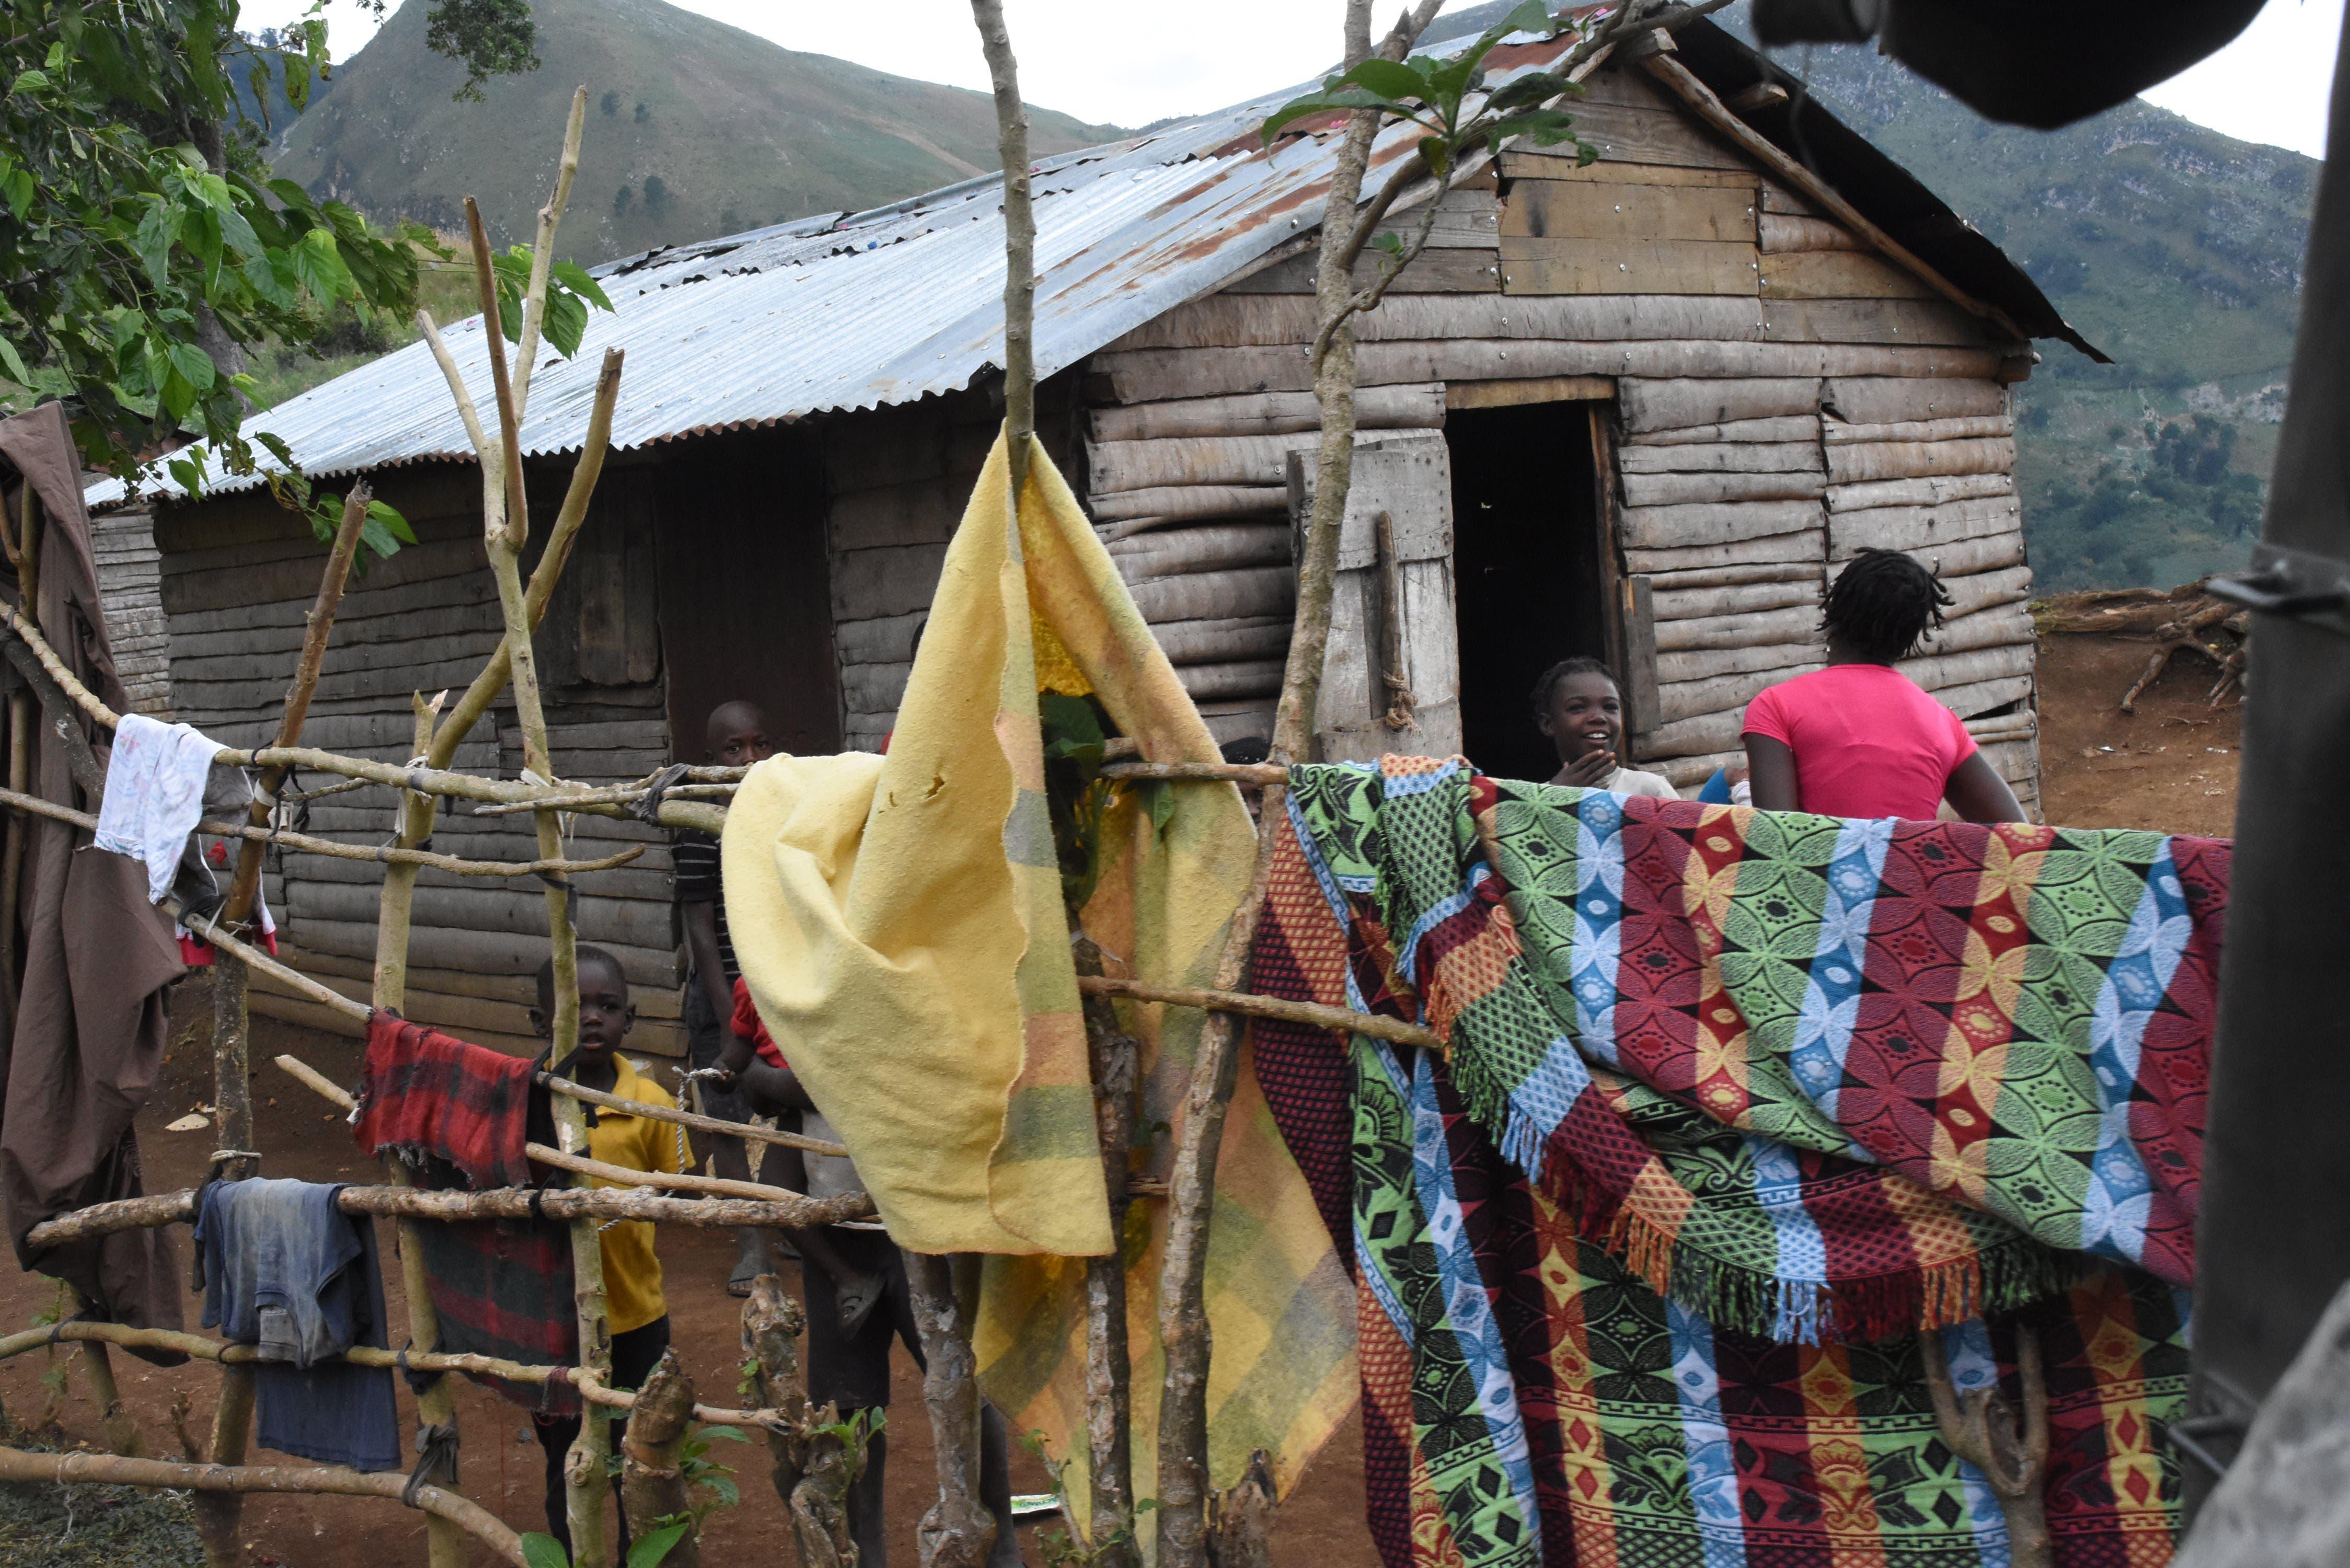 La pobreza, el lugar común en la frontera domínico-haitiana